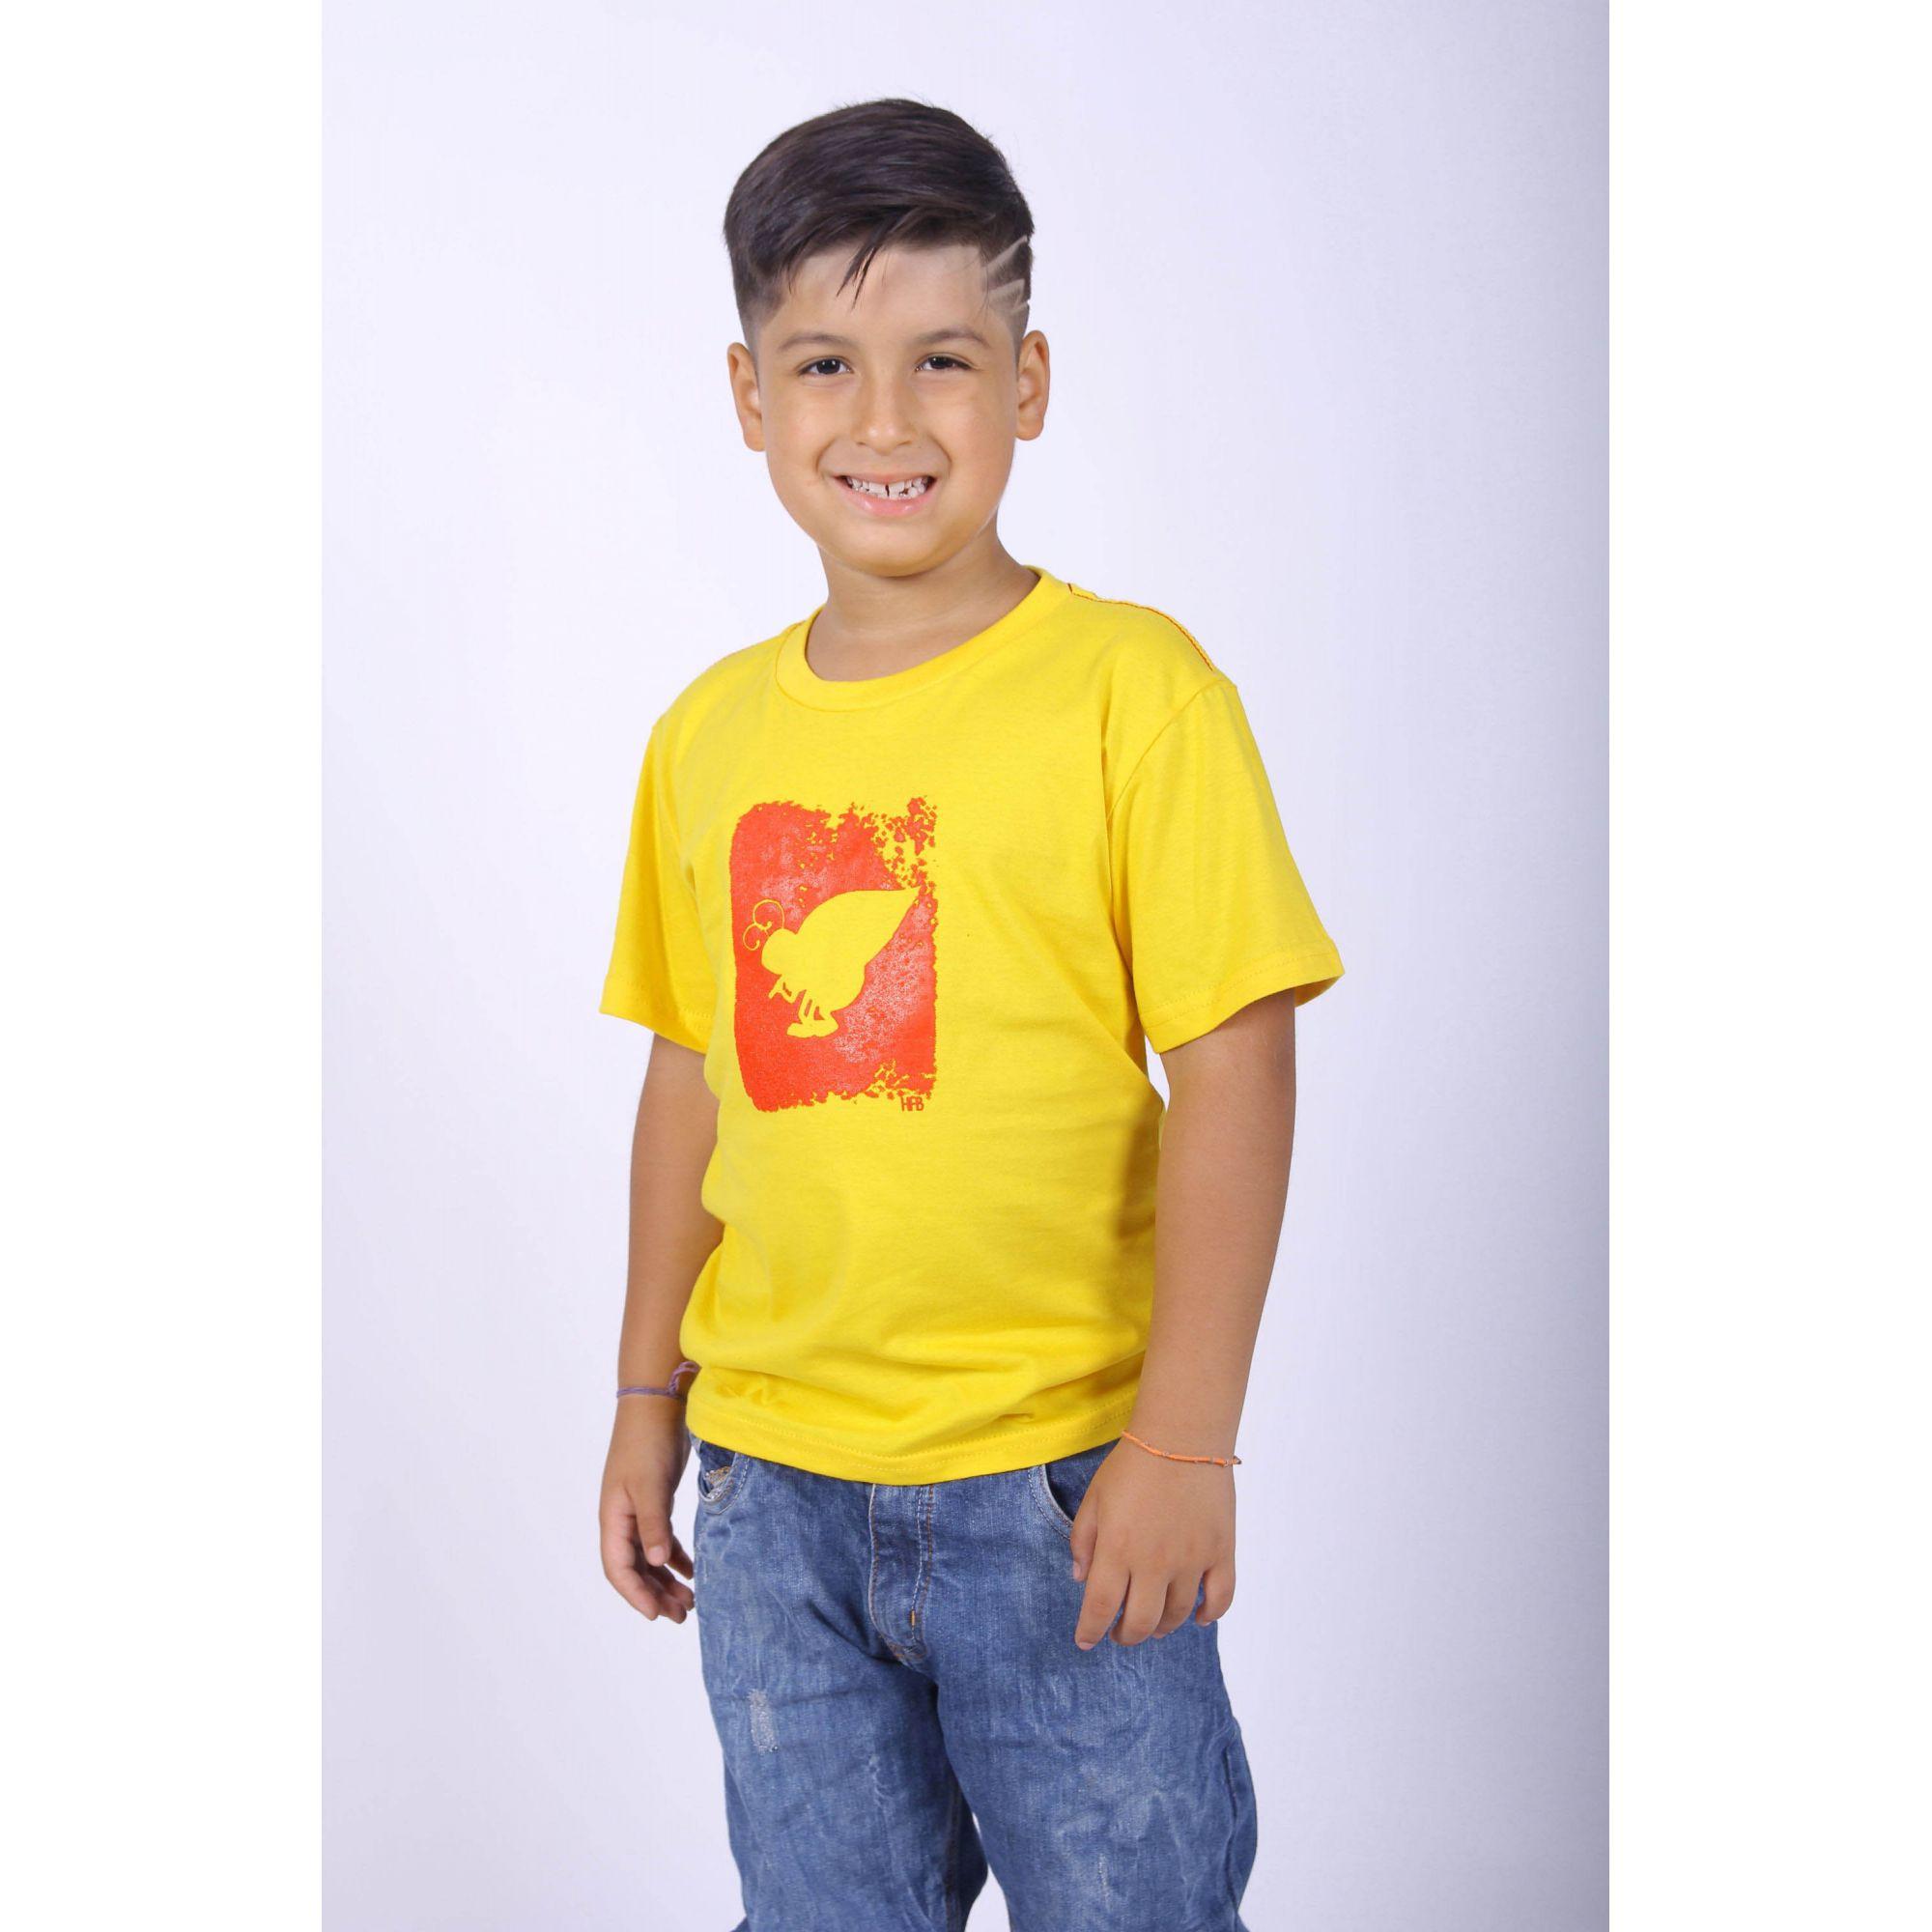 PAIS E FILHOS > Kit 3 peças Camisetas Amarelas Formiga HFB [Coleção Família]  - Heitor Fashion Brazil